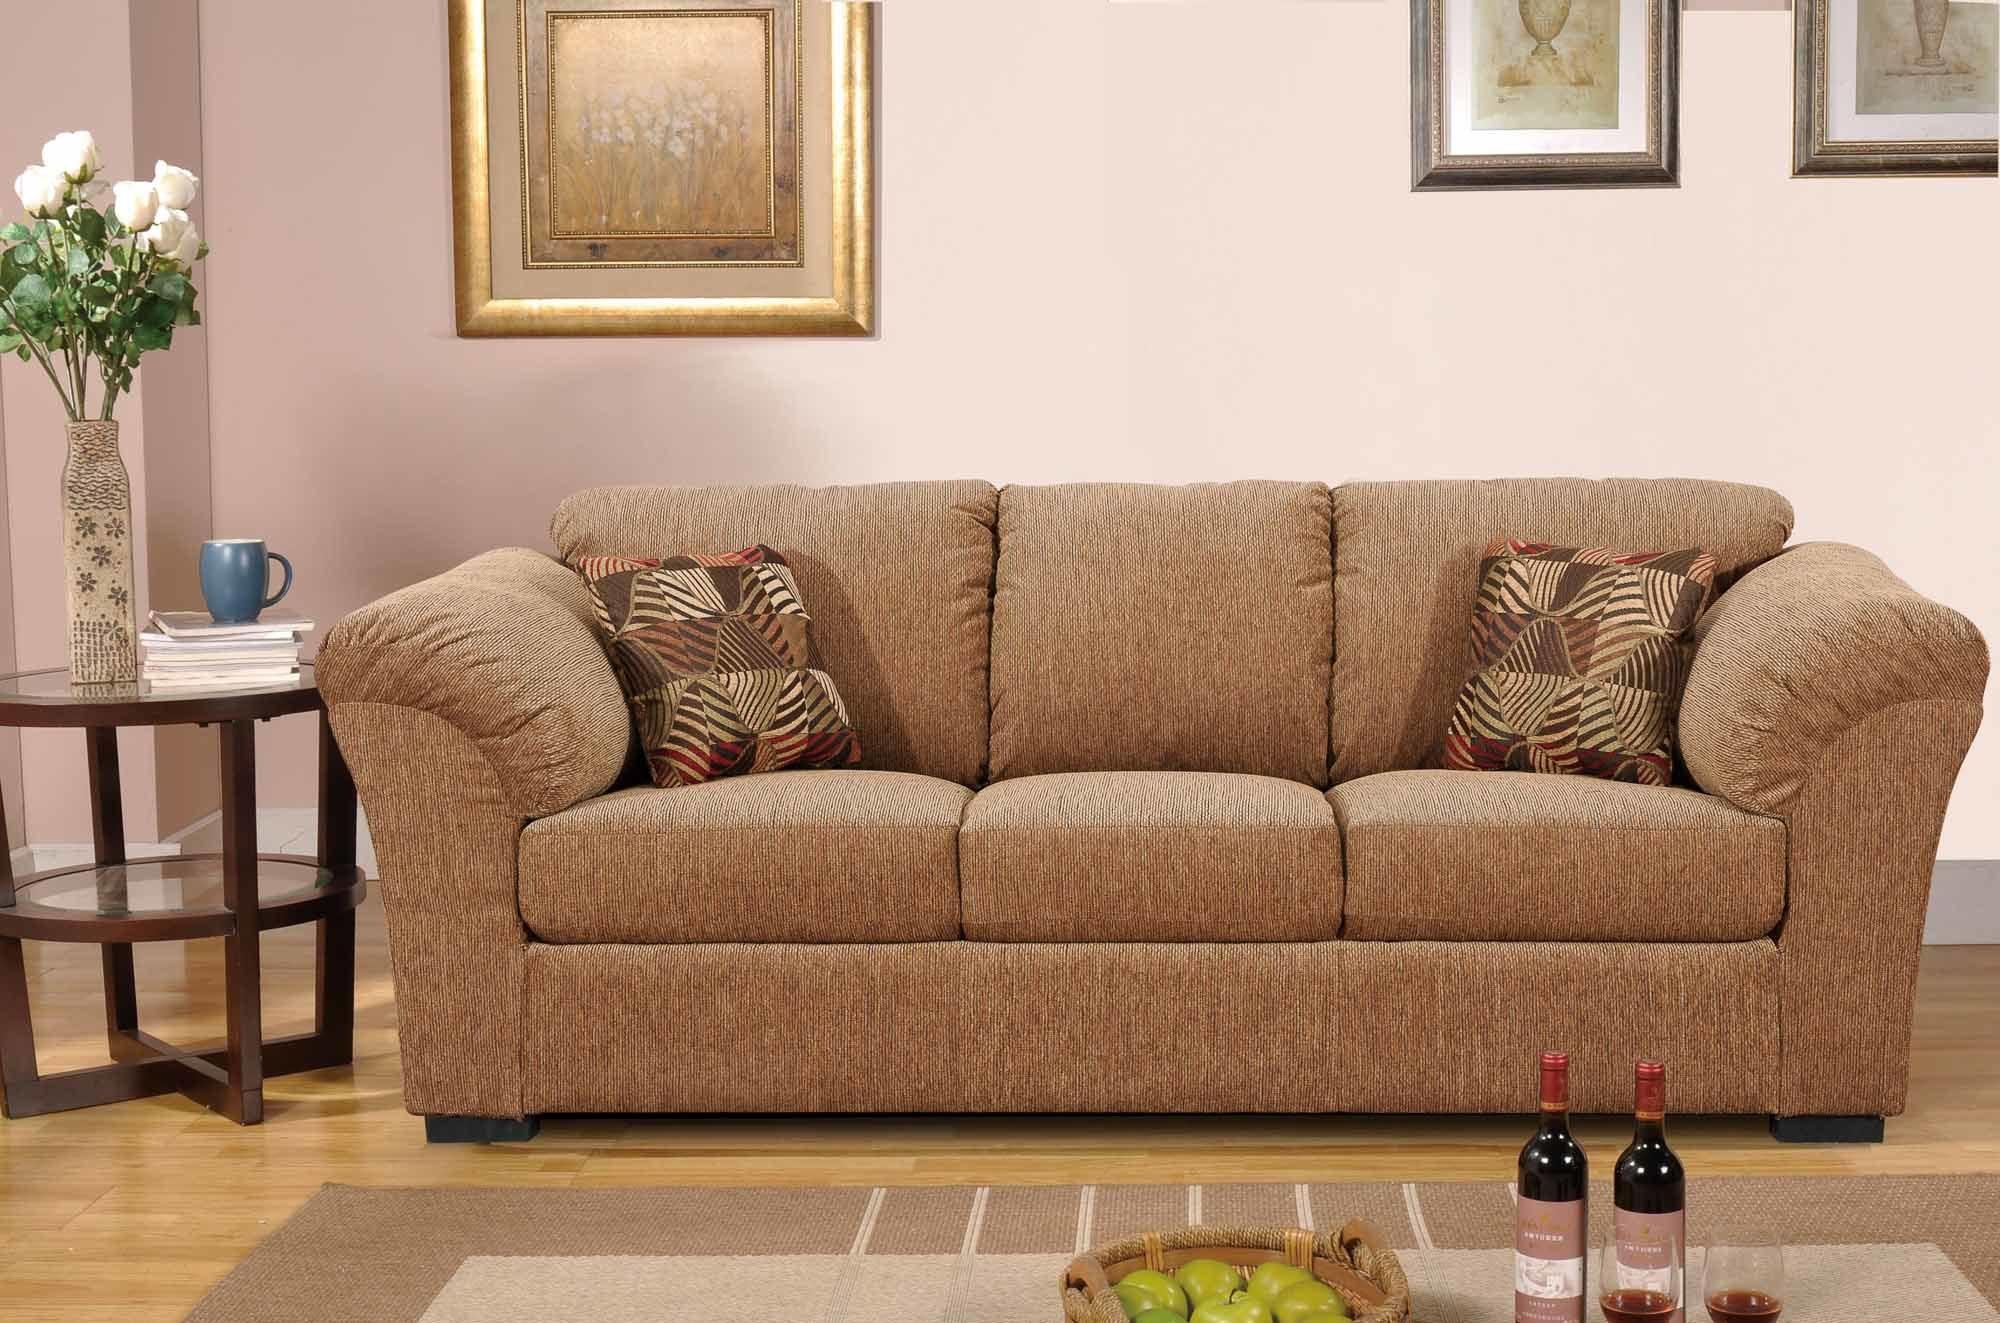 Sofa Set Home & Interior Design